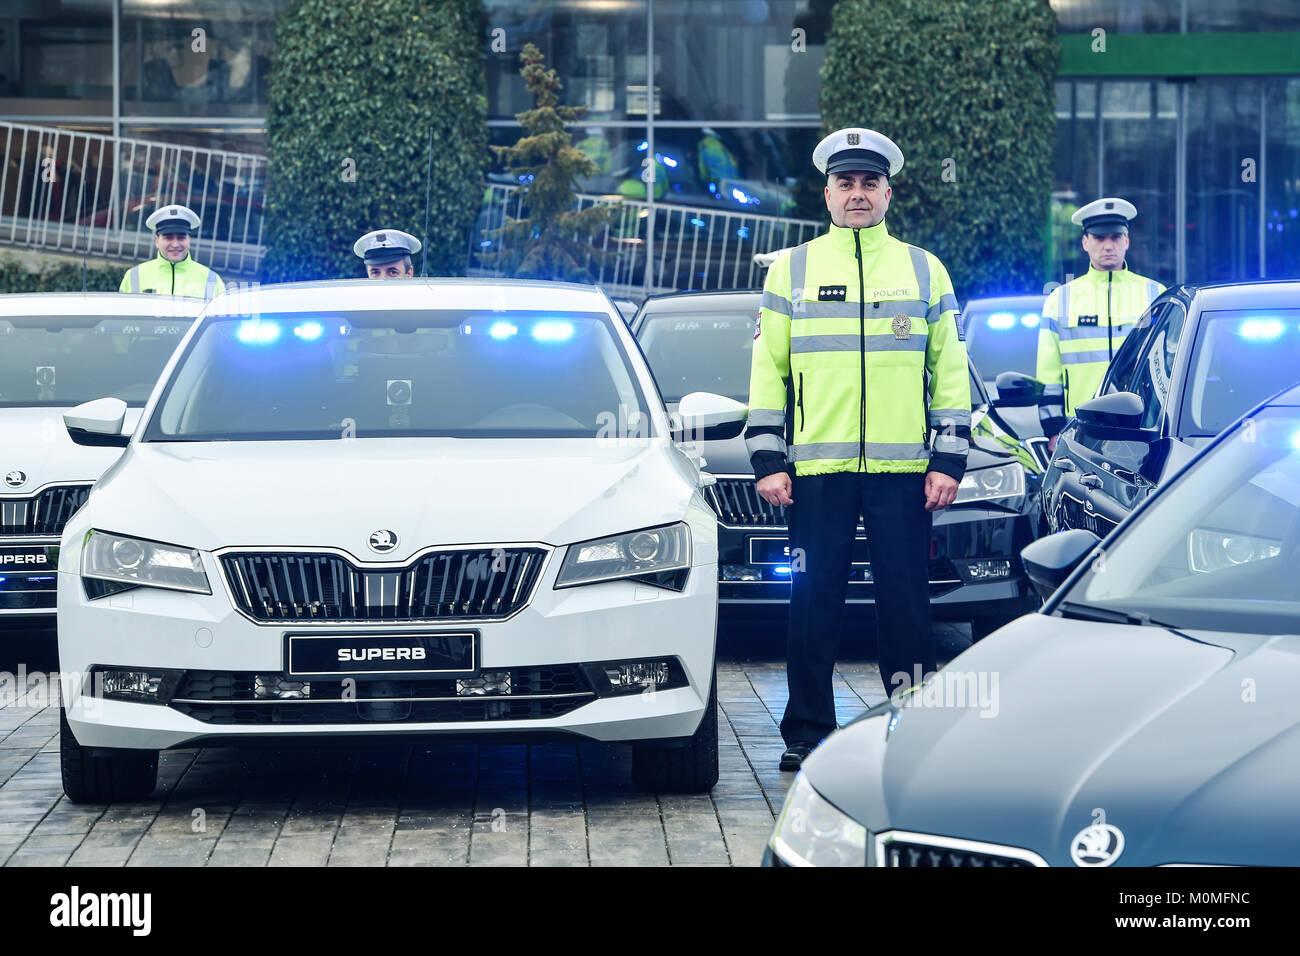 Auto Sale Czech Republic: Skoda Police Car Stock Photos & Skoda Police Car Stock